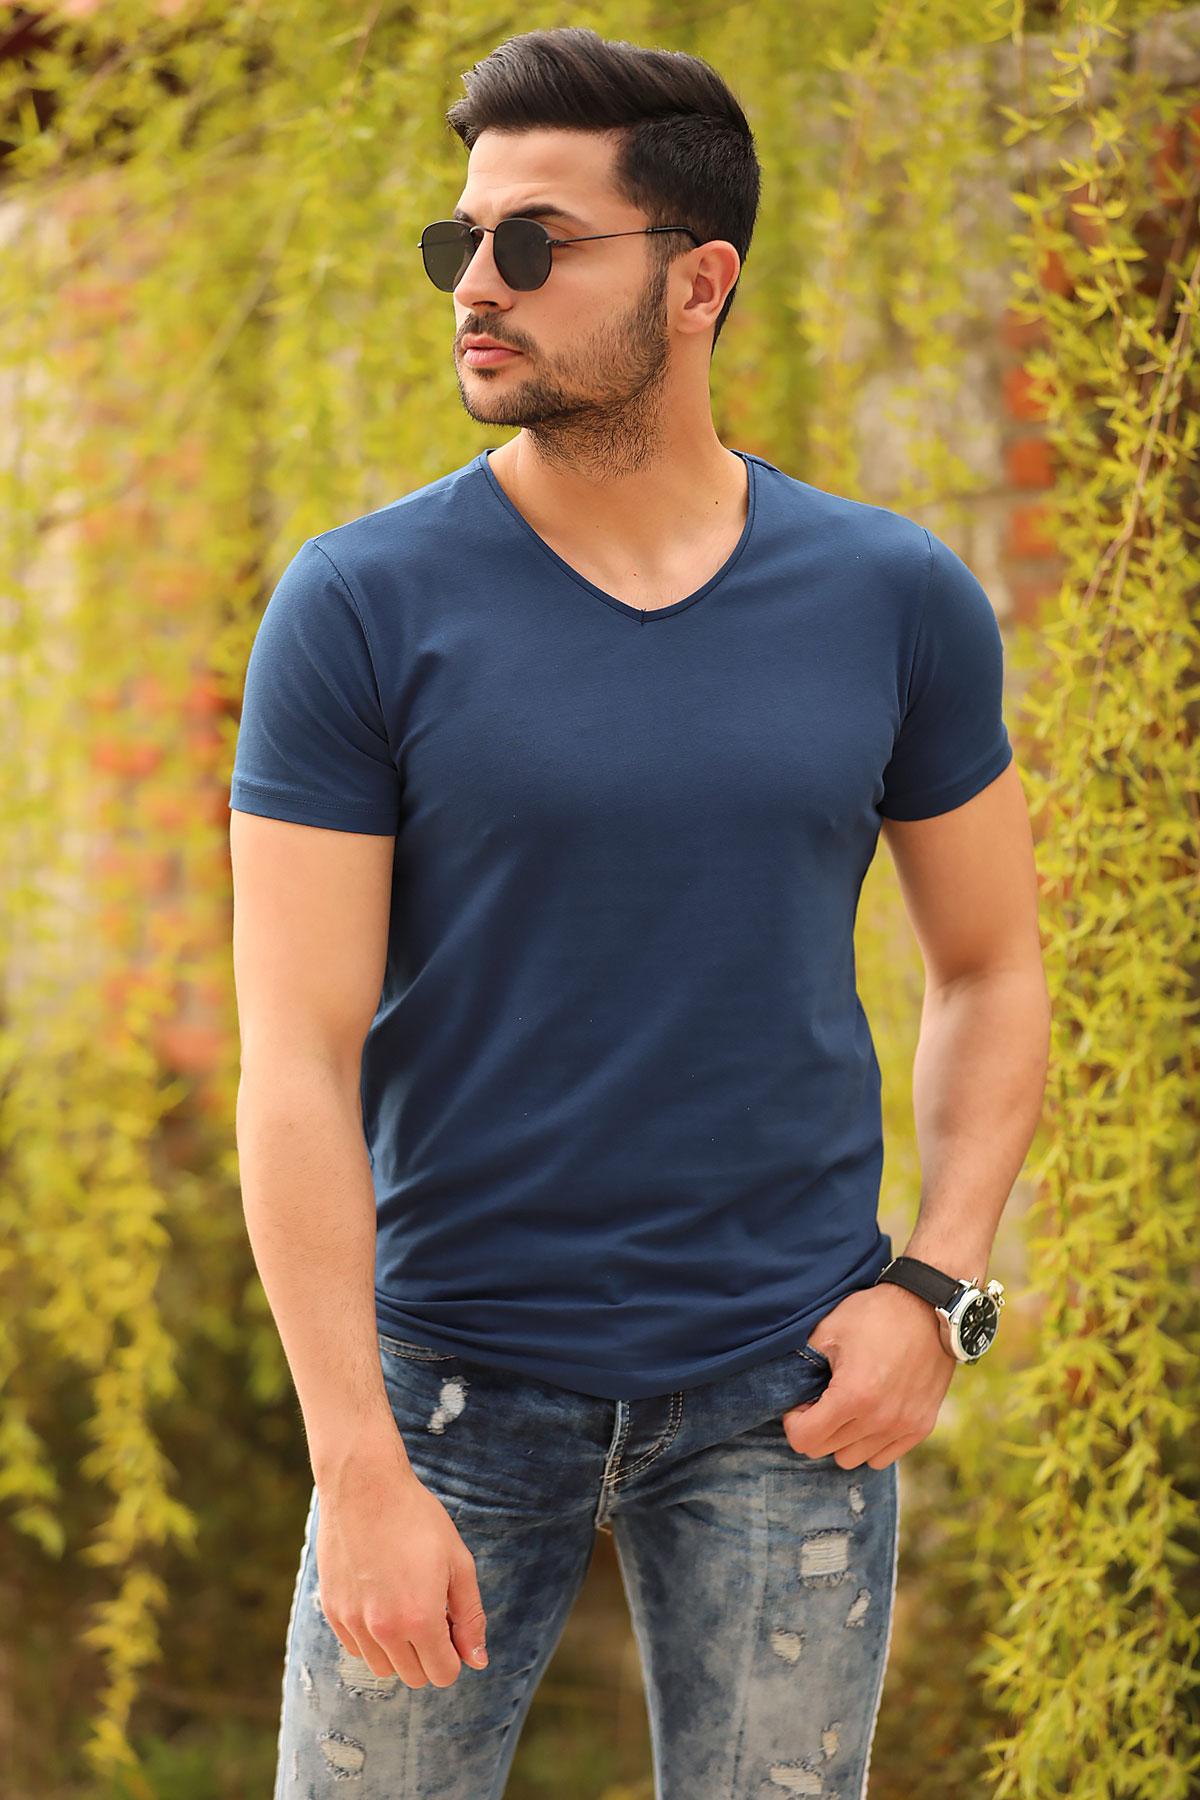 Men's Basic Navy Blue T-shirt